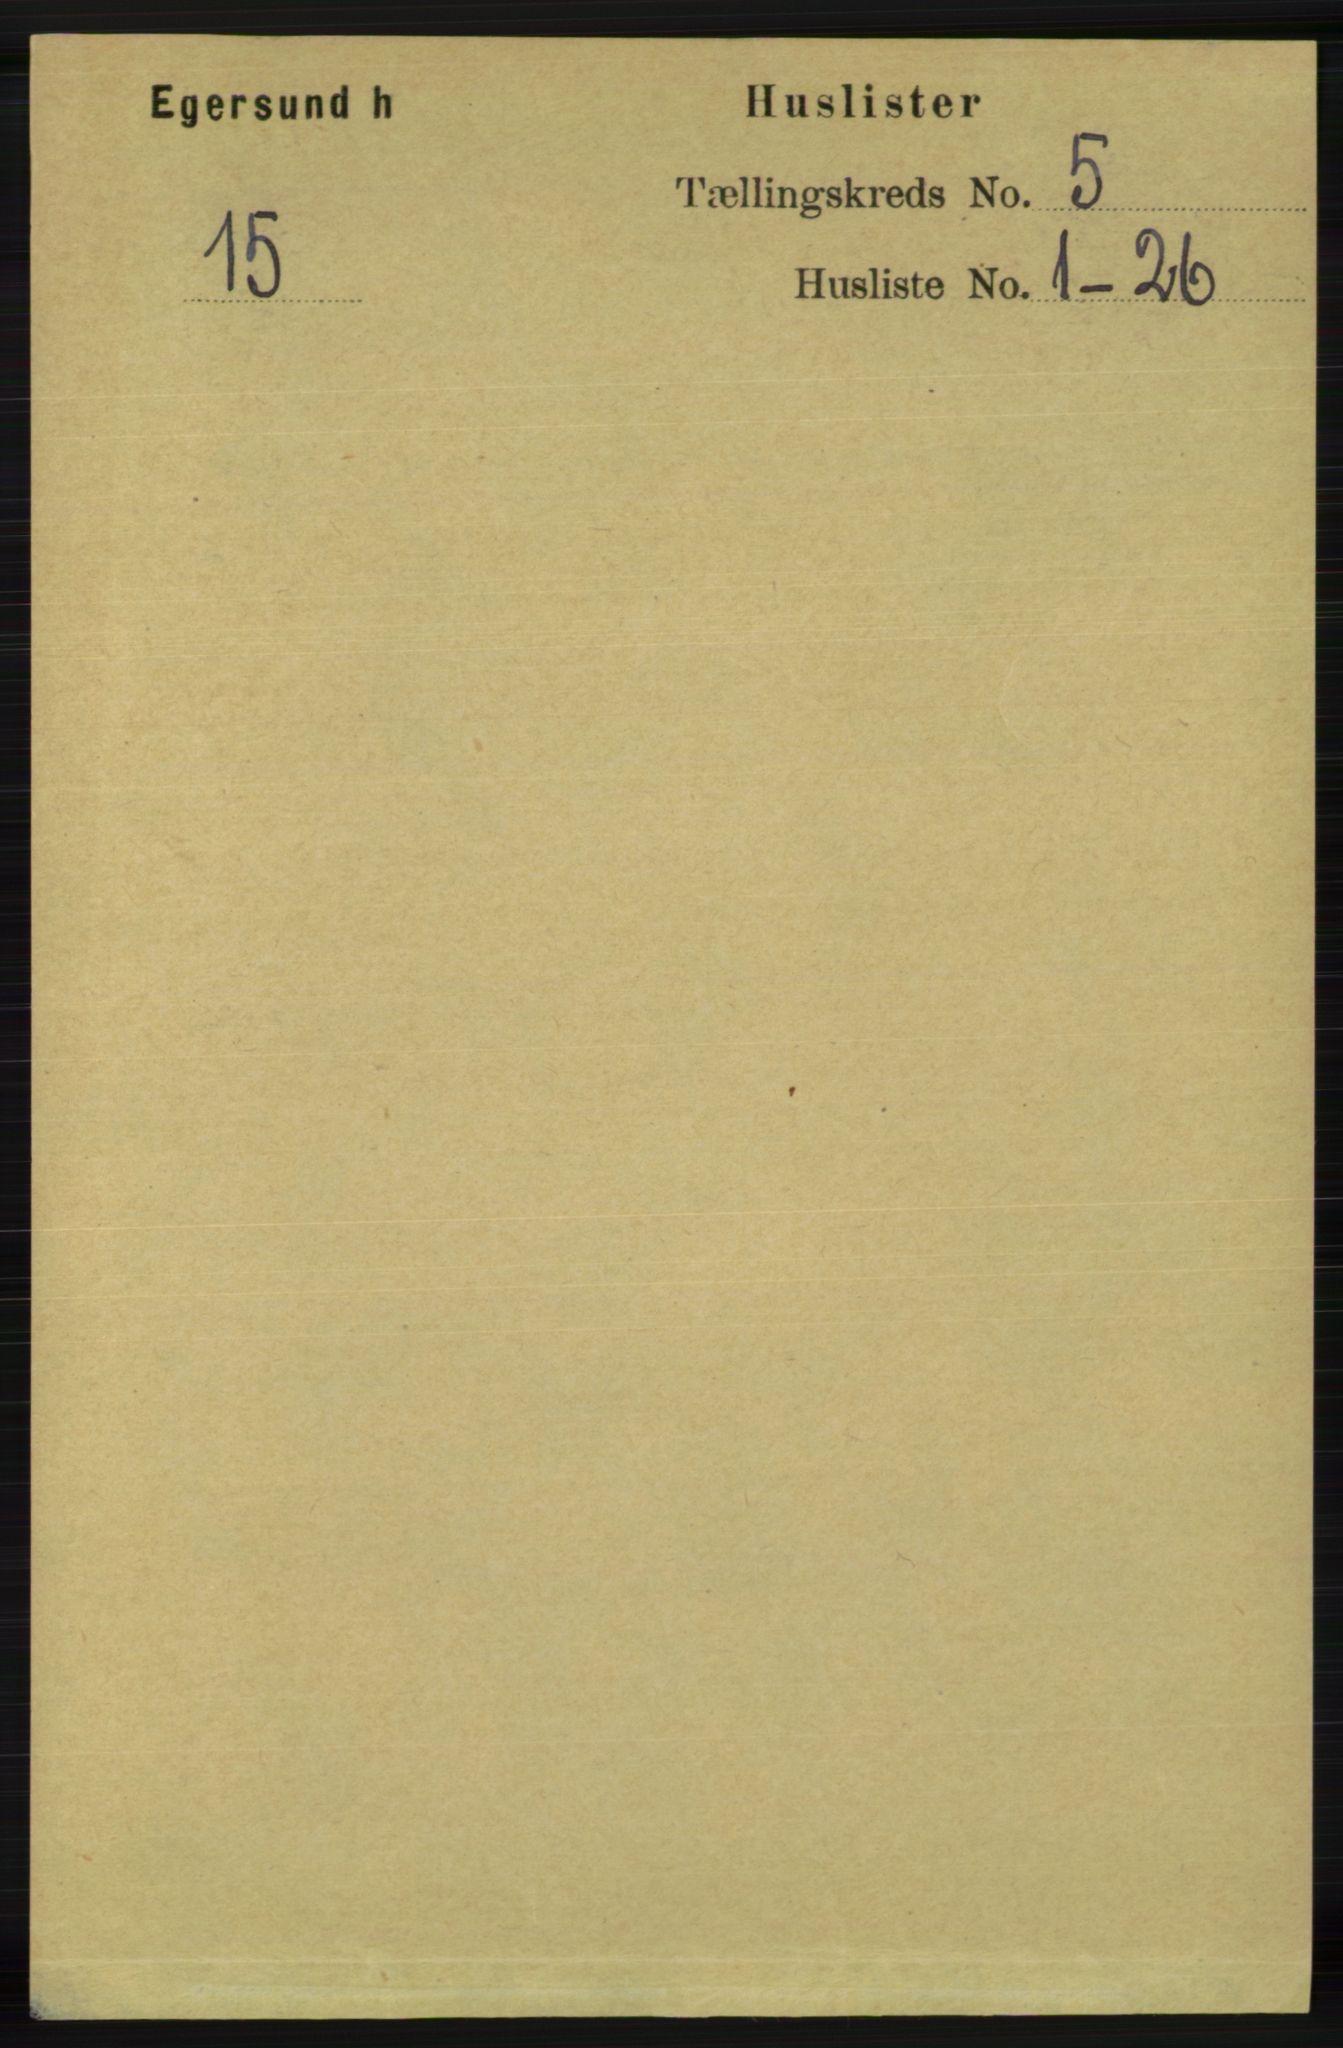 RA, Folketelling 1891 for 1116 Eigersund herred, 1891, s. 2016